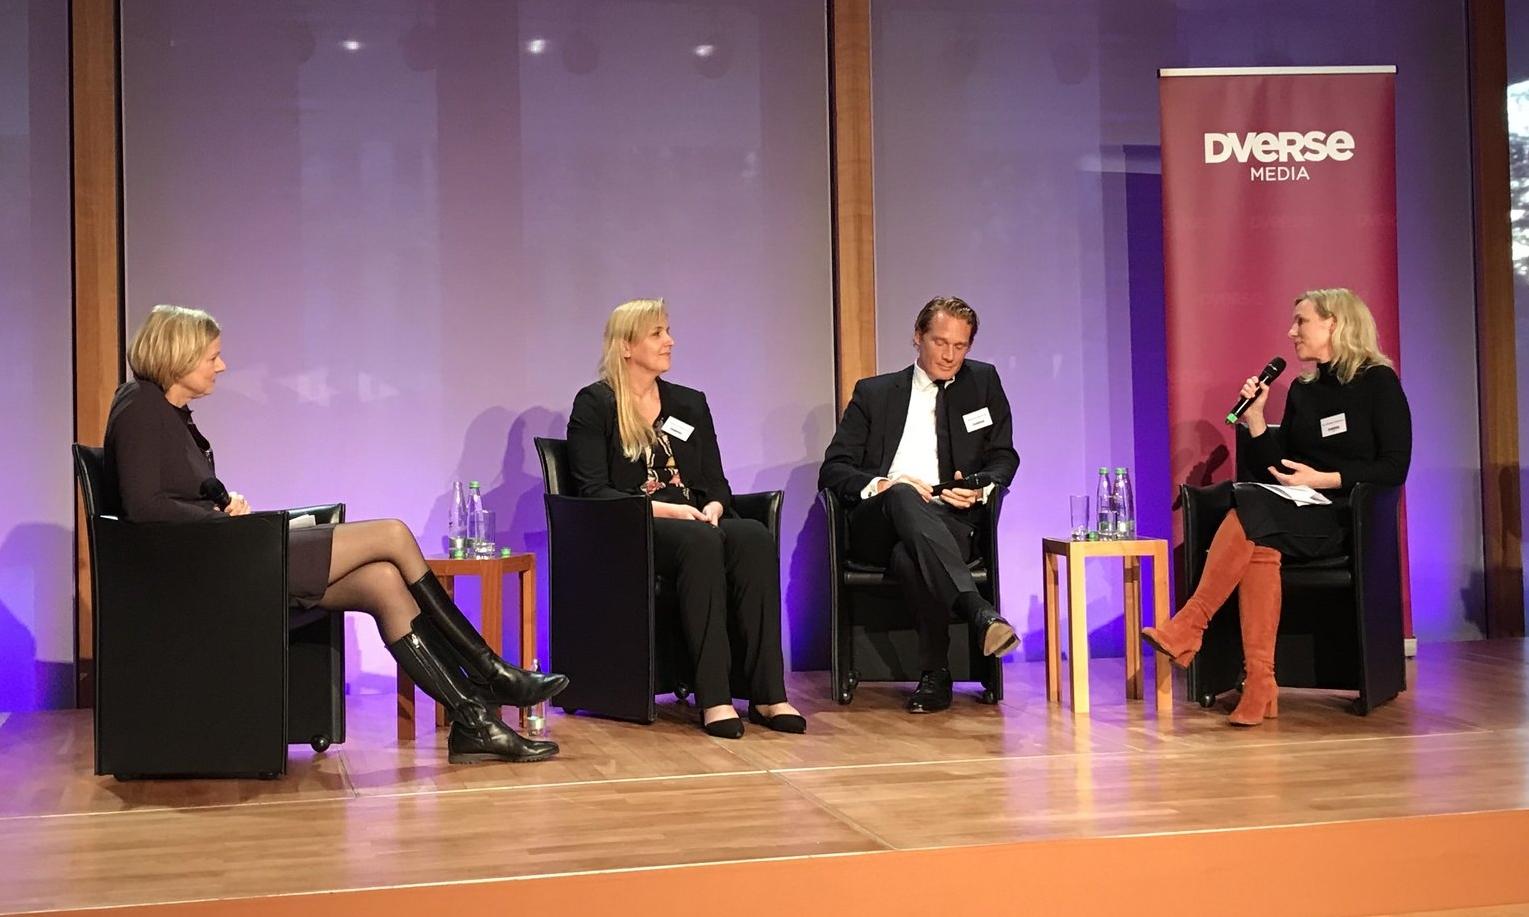 Eva Buchhorn (Manager Magazin), Karen Ferdinand (KPMG), Markulf Behrendt (Allen & Overy), Wiebke Ankersen (AllBright)